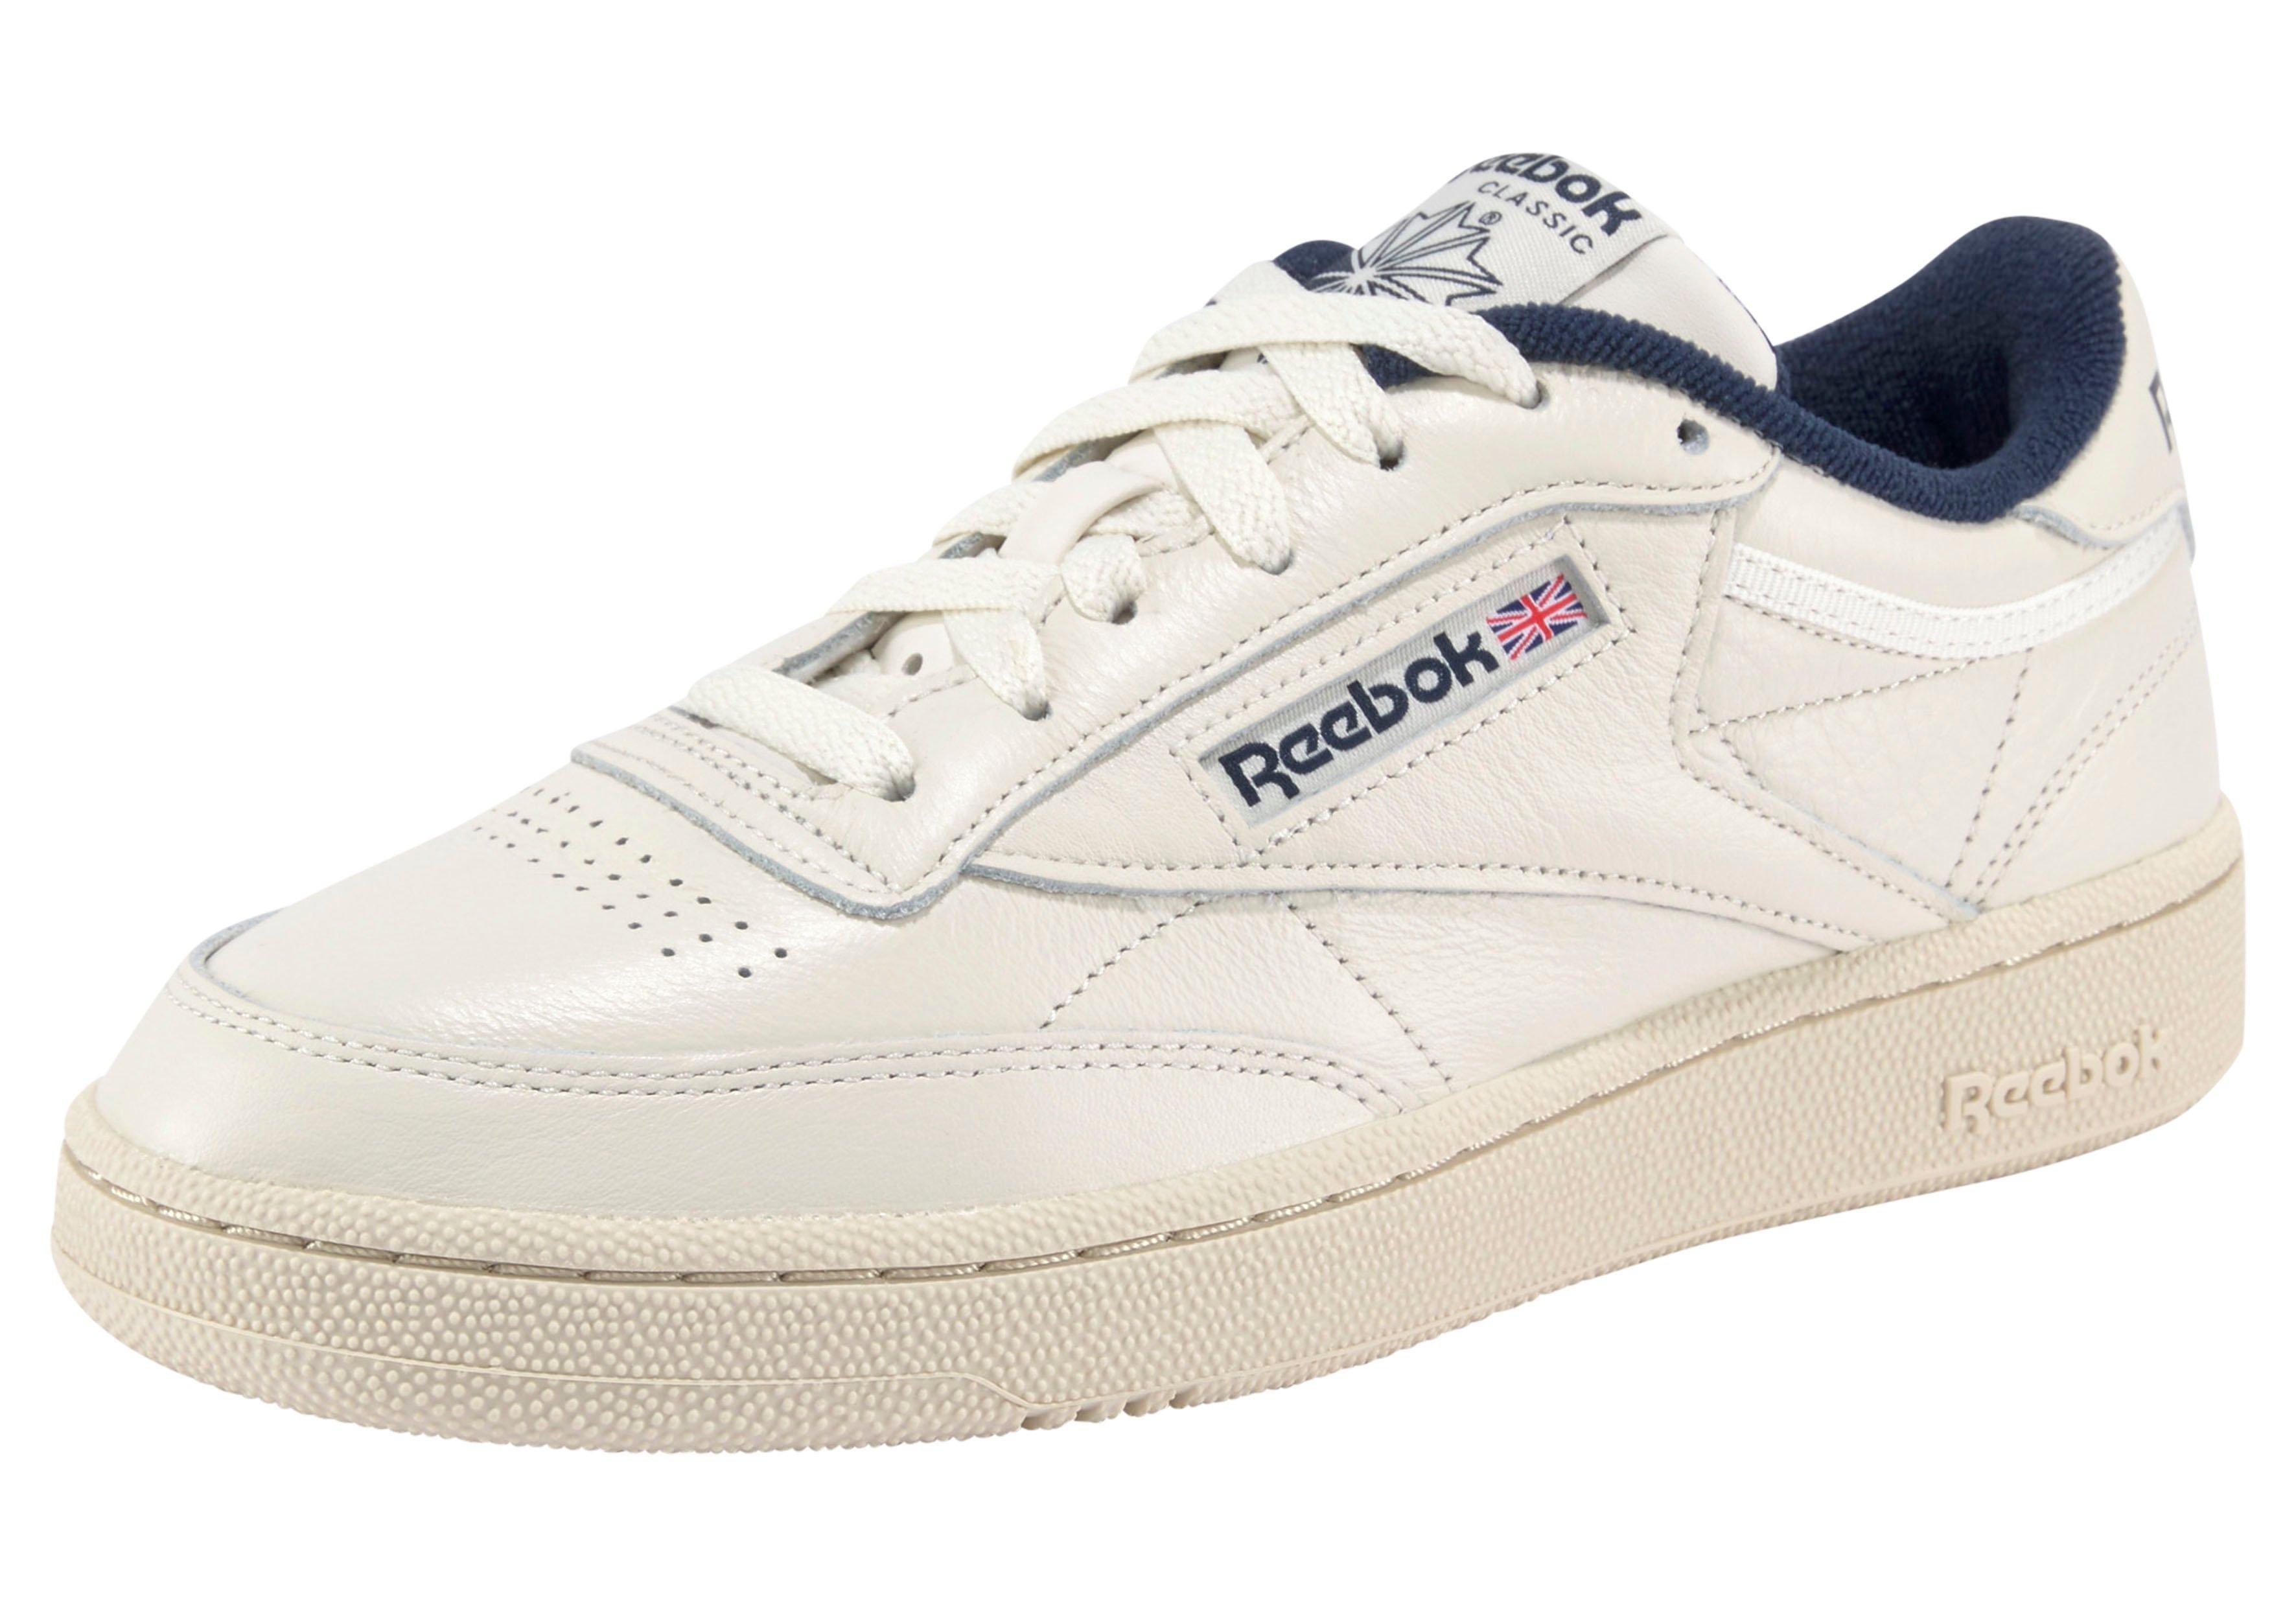 Reebok Classic sneakers CLUB C 85 MU bestellen: 30 dagen bedenktijd